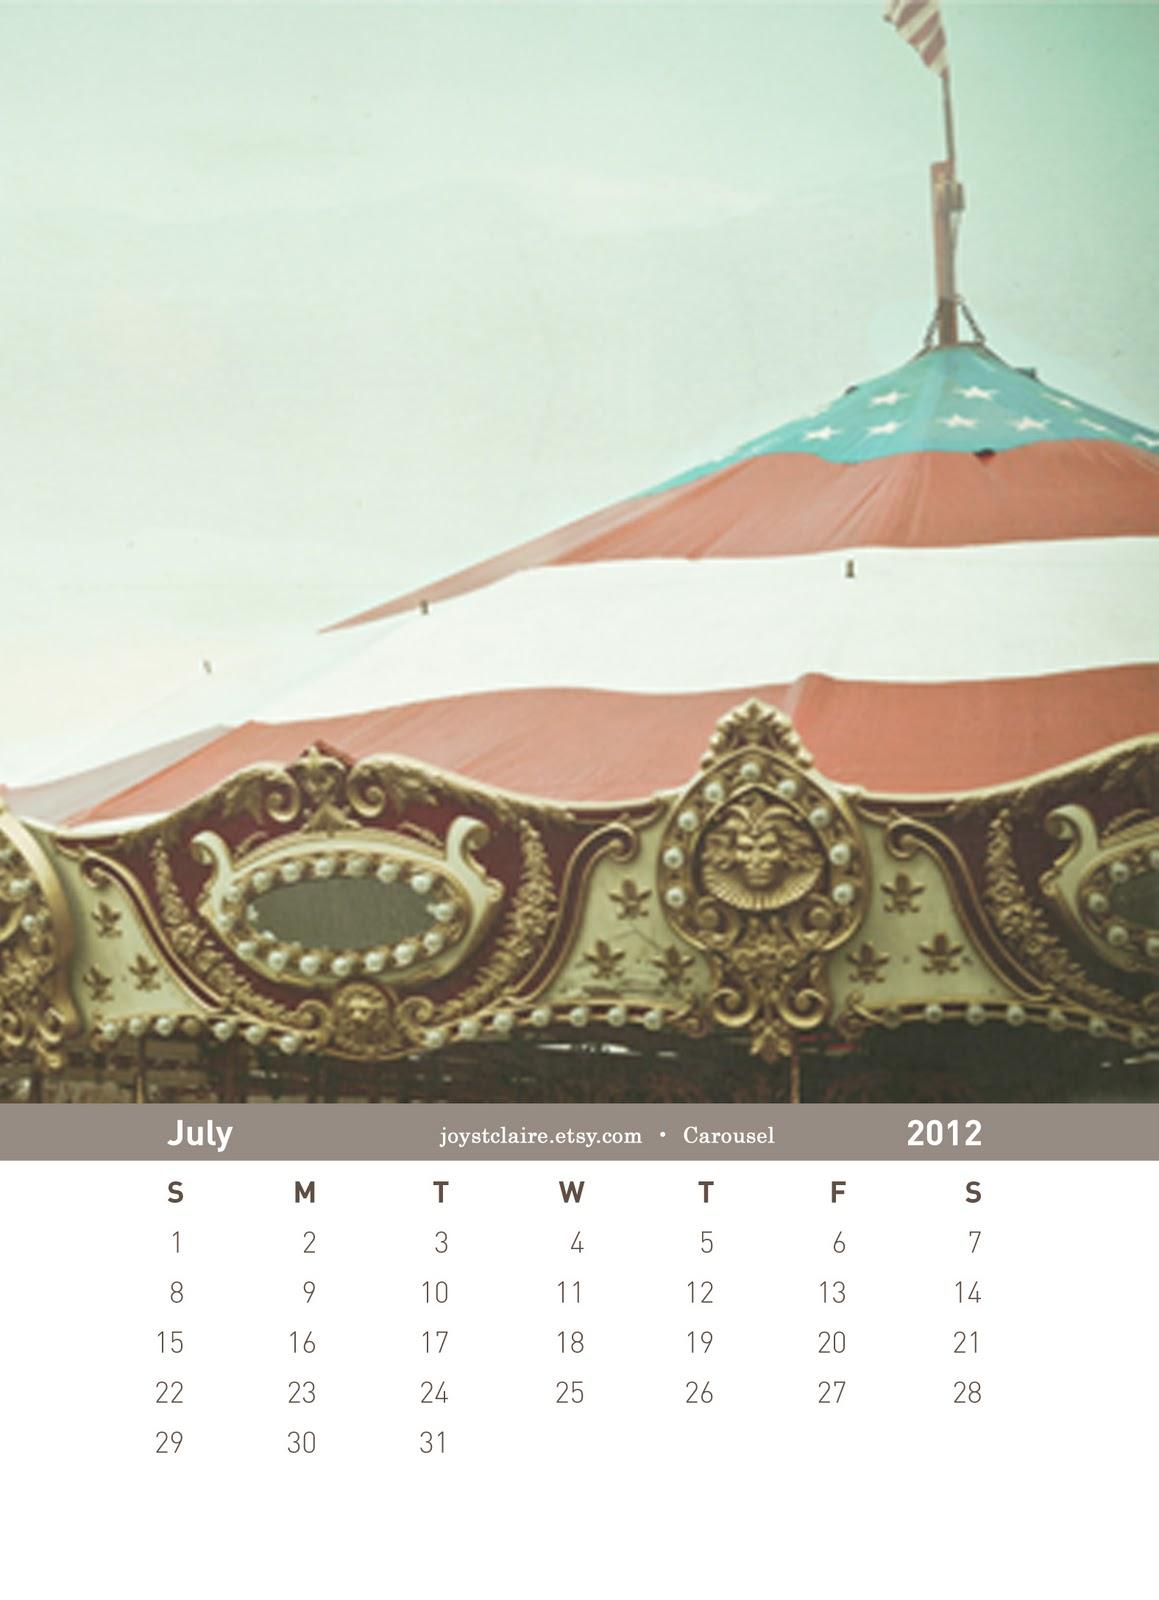 http://1.bp.blogspot.com/-0d8uR3NsUgE/TxmMZgtPGJI/AAAAAAAACVw/-ishnvV491k/s1600/7-2012+Cal+Temp+_PURE_+Julyfinal.jpg